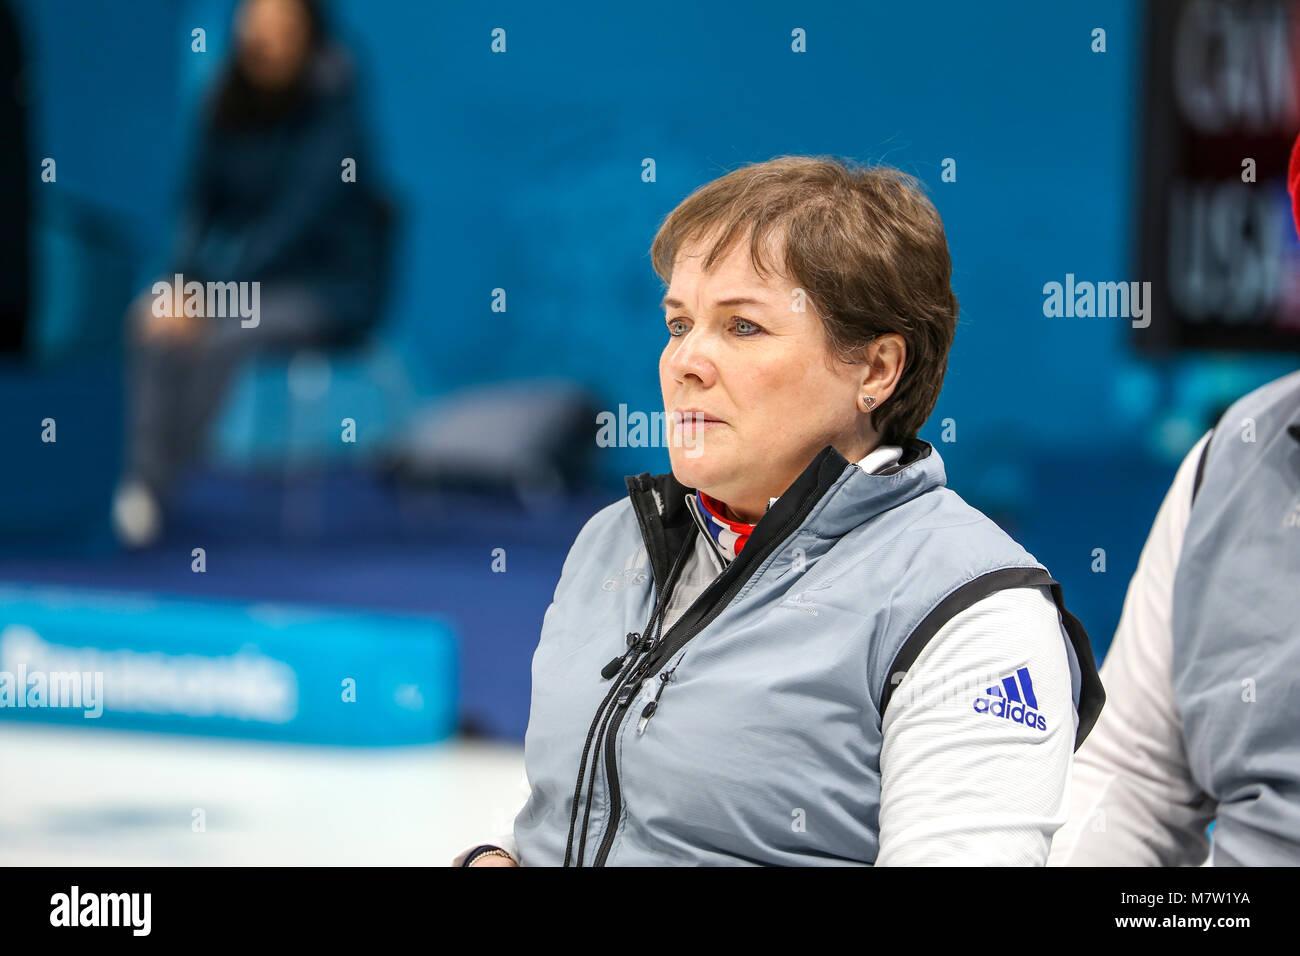 Pyeongchang, Corea del Sur. 13 de marzo de 2018. Curling competencia ...